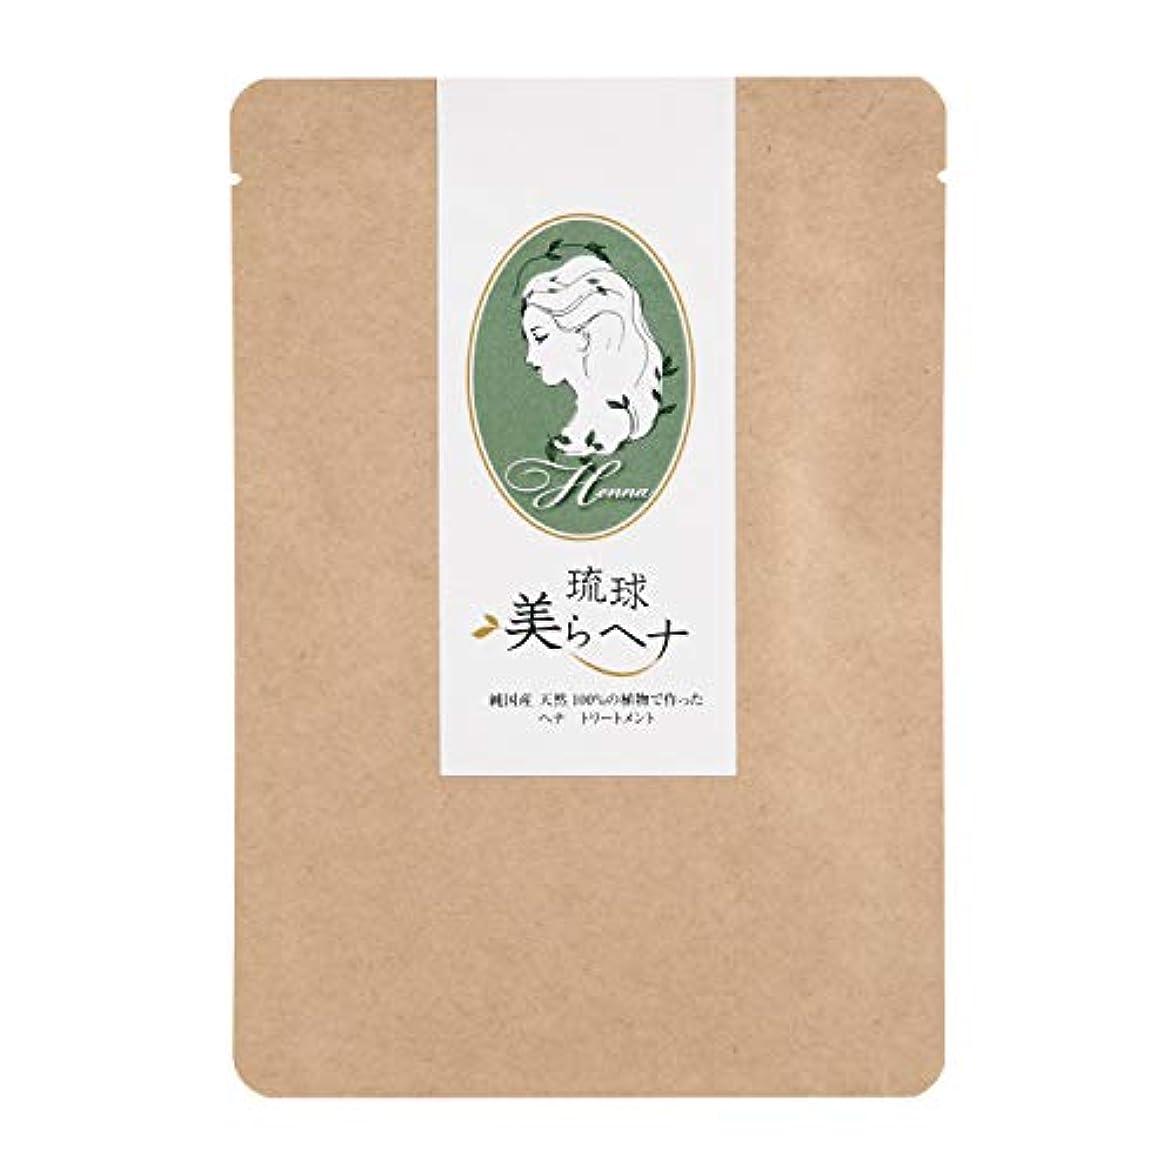 移動経験猛烈な純国産 ヘナ 白髪染め 天然 100% 琉球 美ら (ちゅら) ヘナ 100g